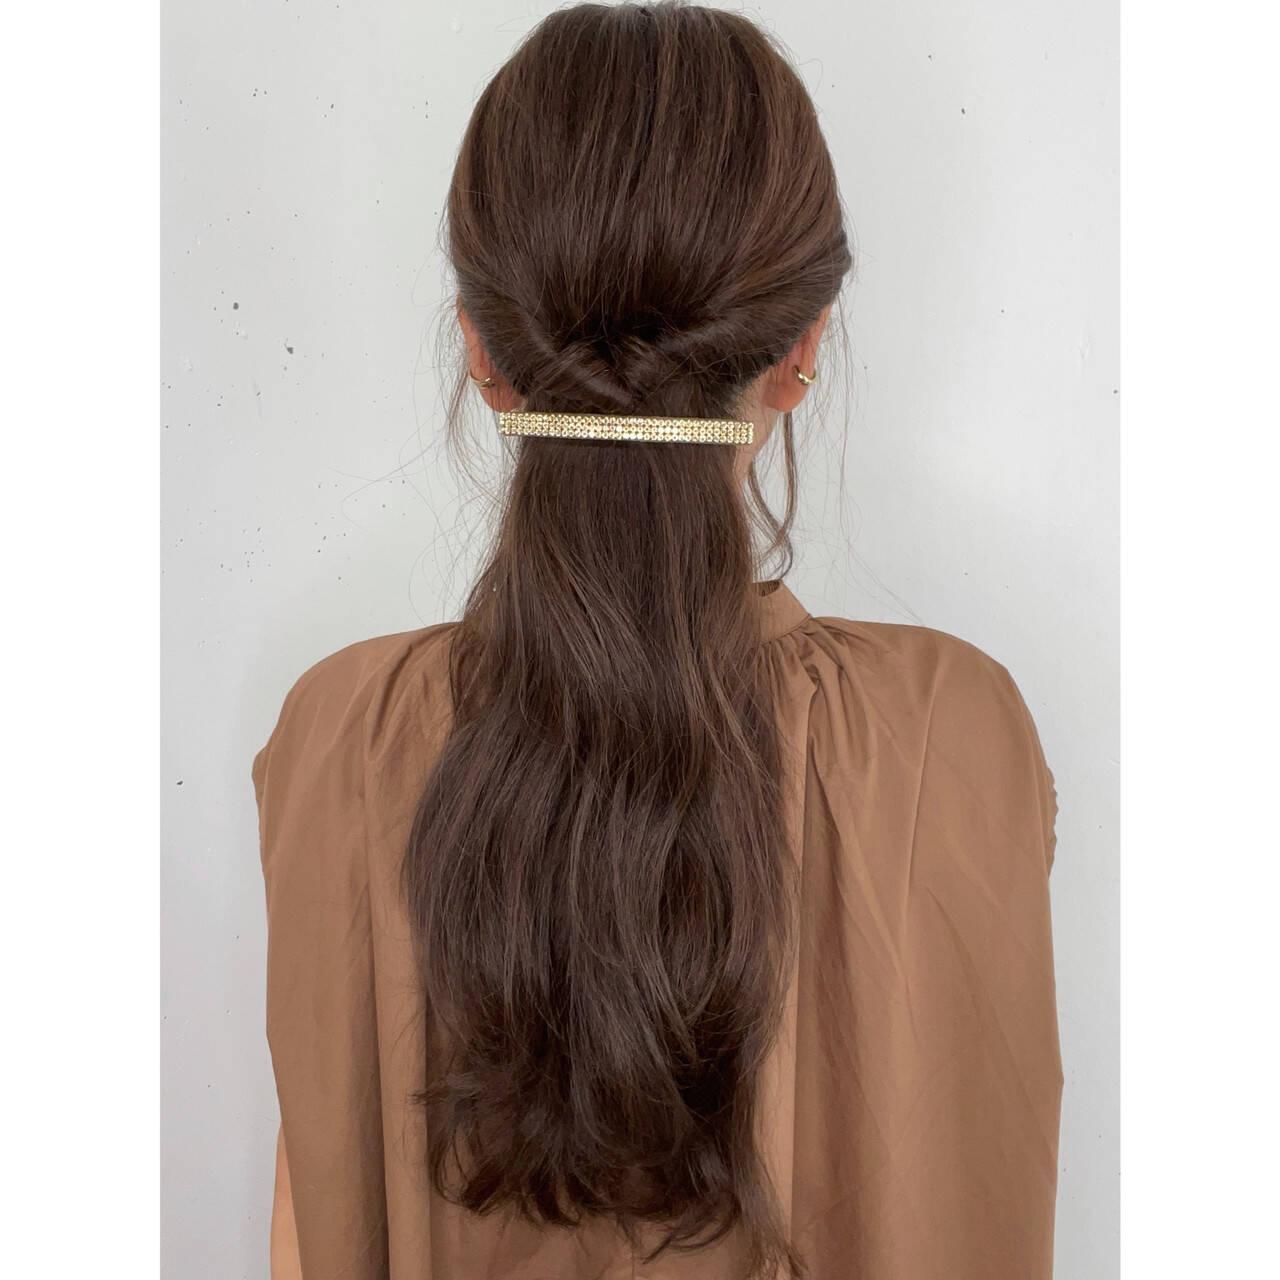 ハーフアップ セルフヘアアレンジ セルフアレンジ 簡単ヘアアレンジヘアスタイルや髪型の写真・画像